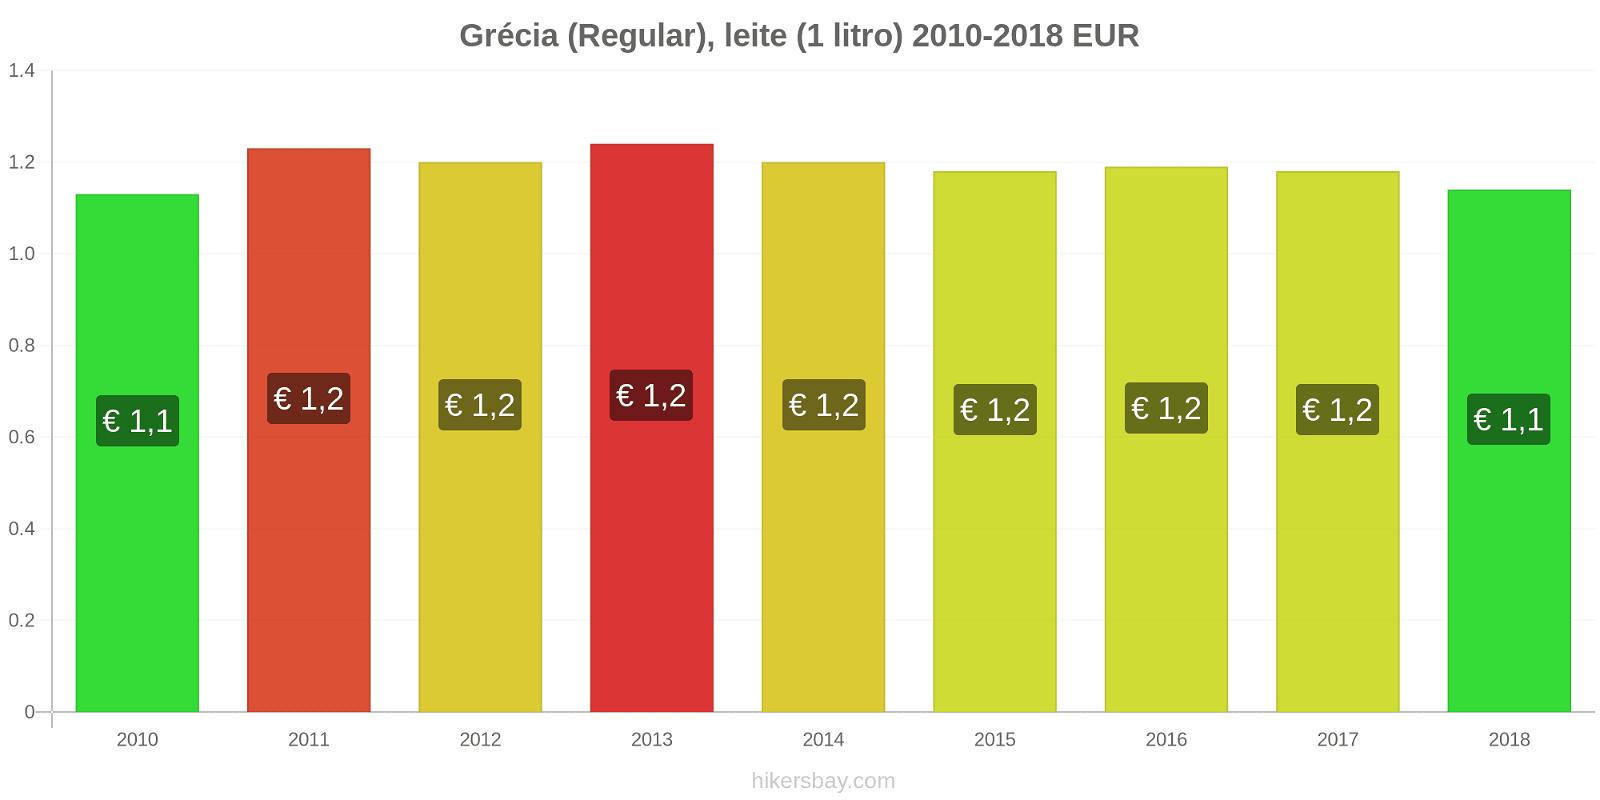 Grécia variação de preço (Regular), leite (1 litro) hikersbay.com